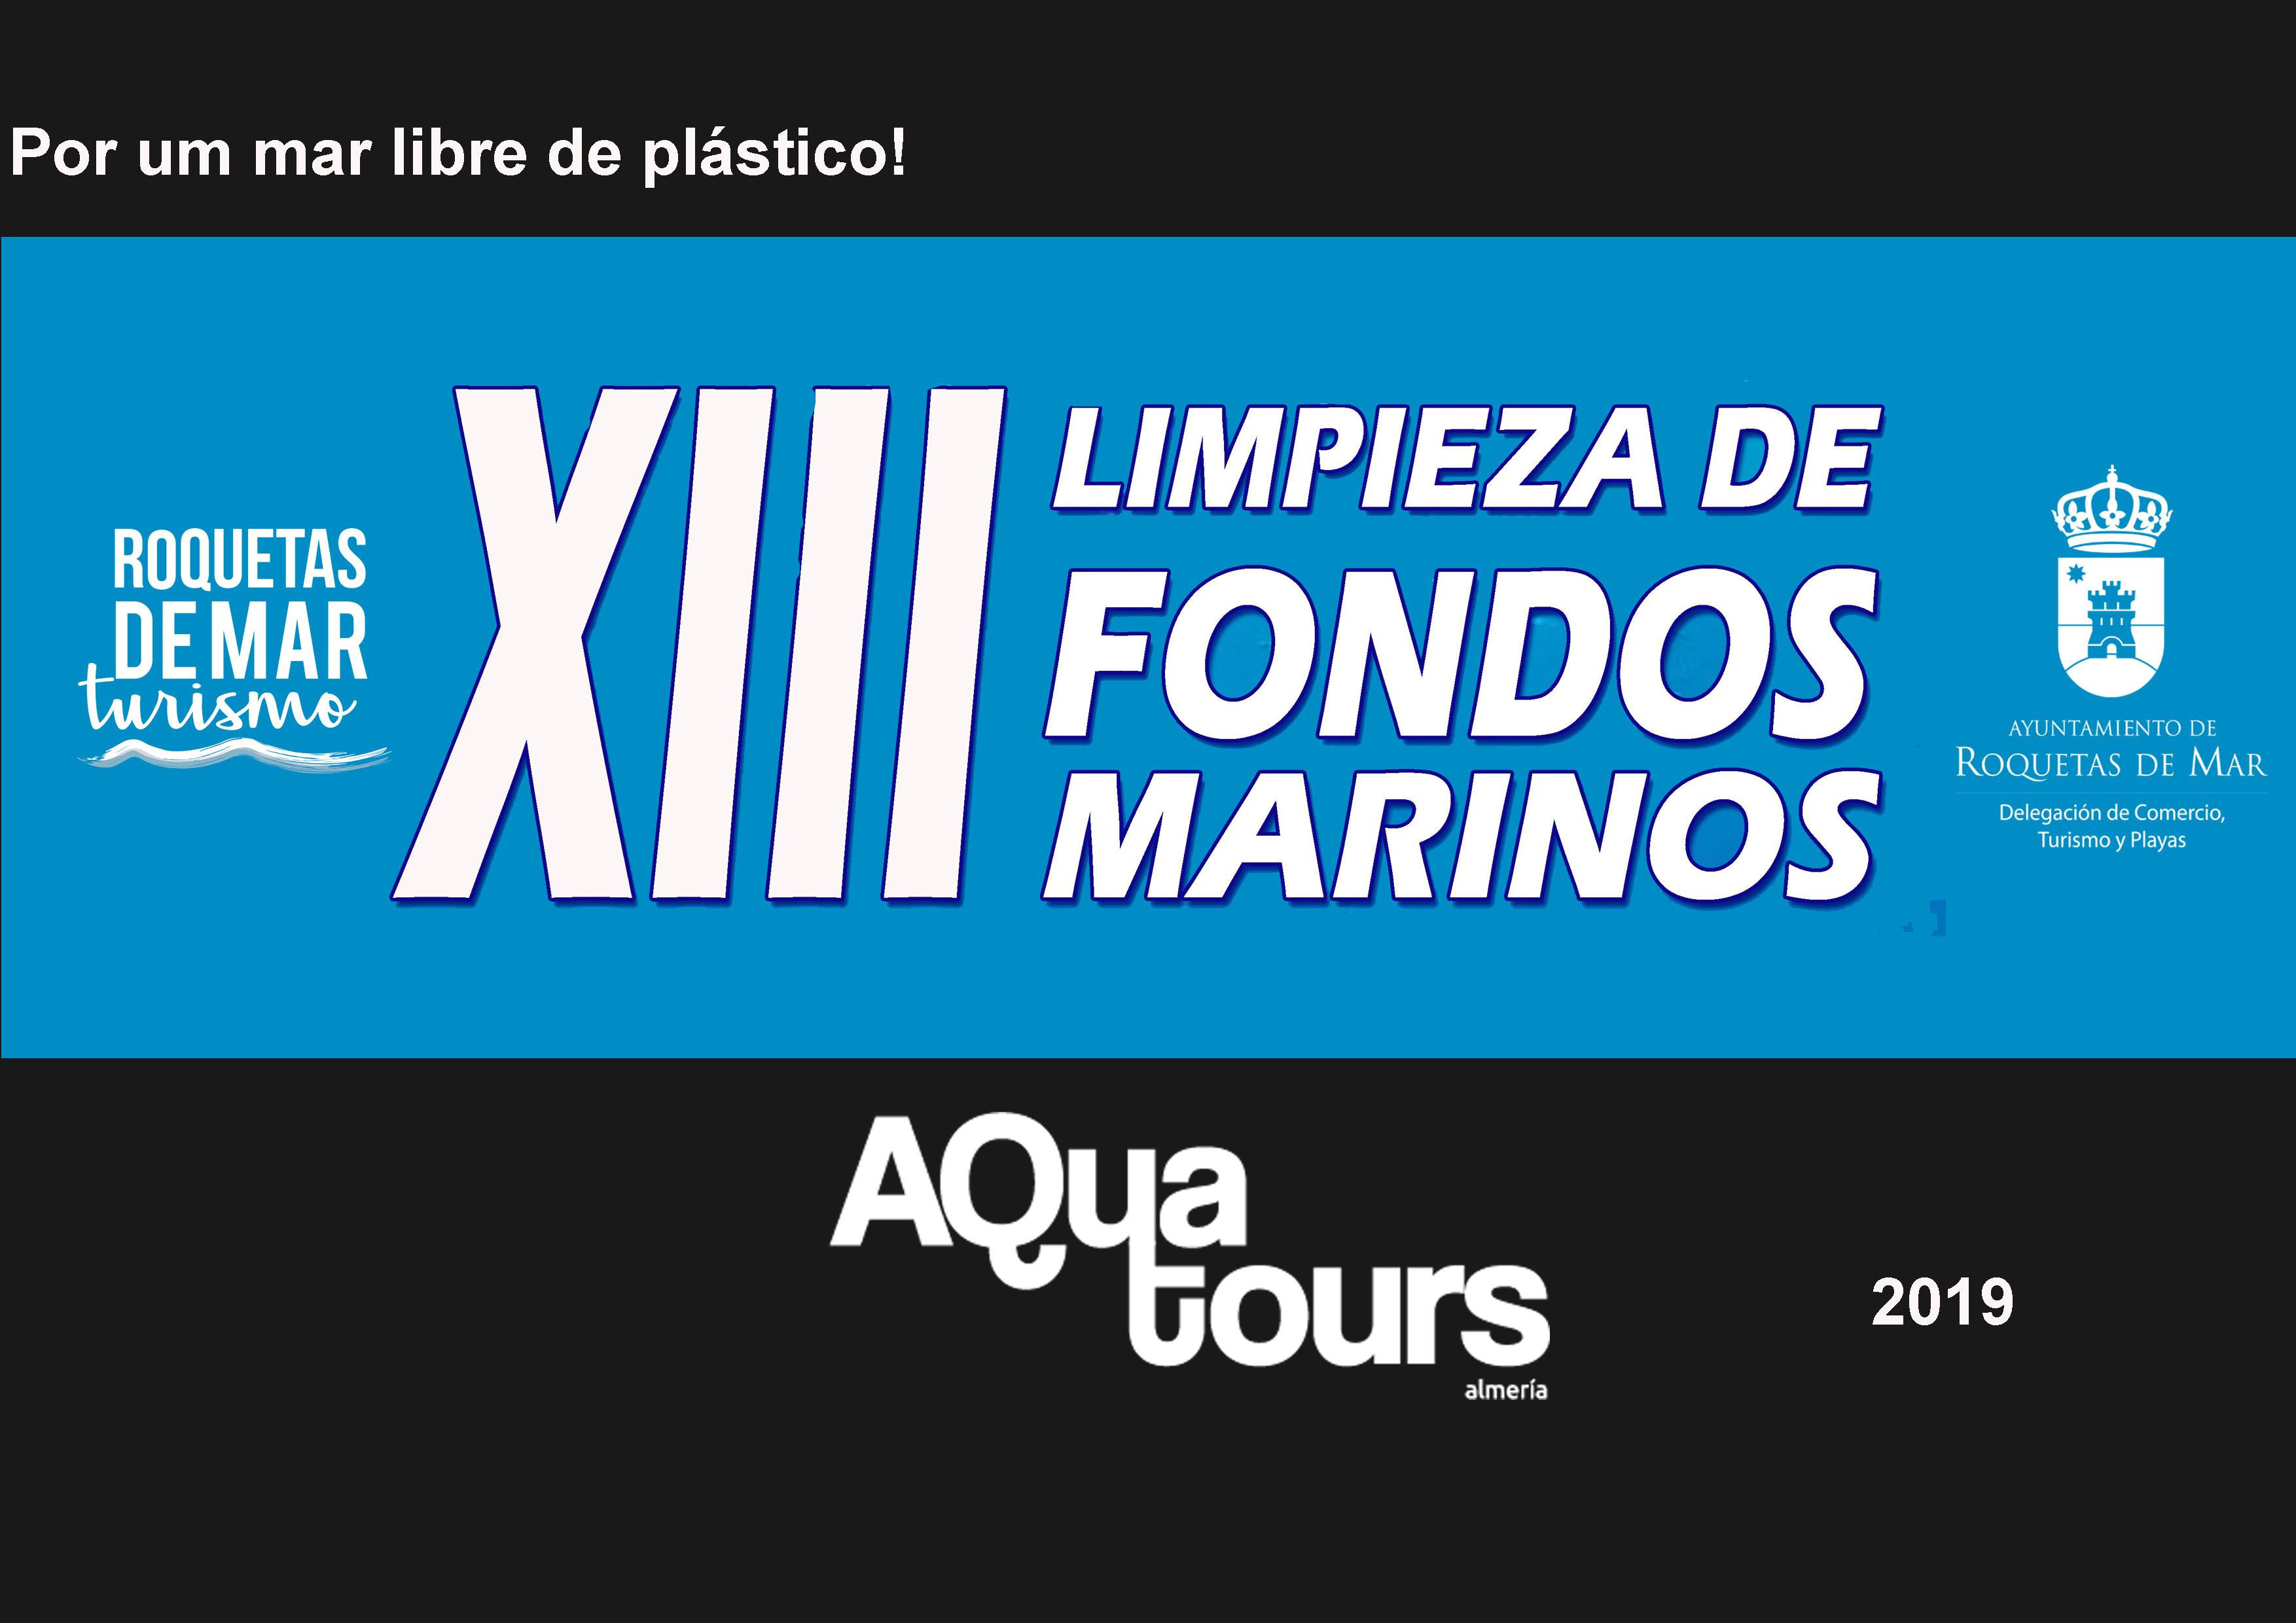 LIMPIEZA DE FONDOS: Por un mar libre de plásticos 2019